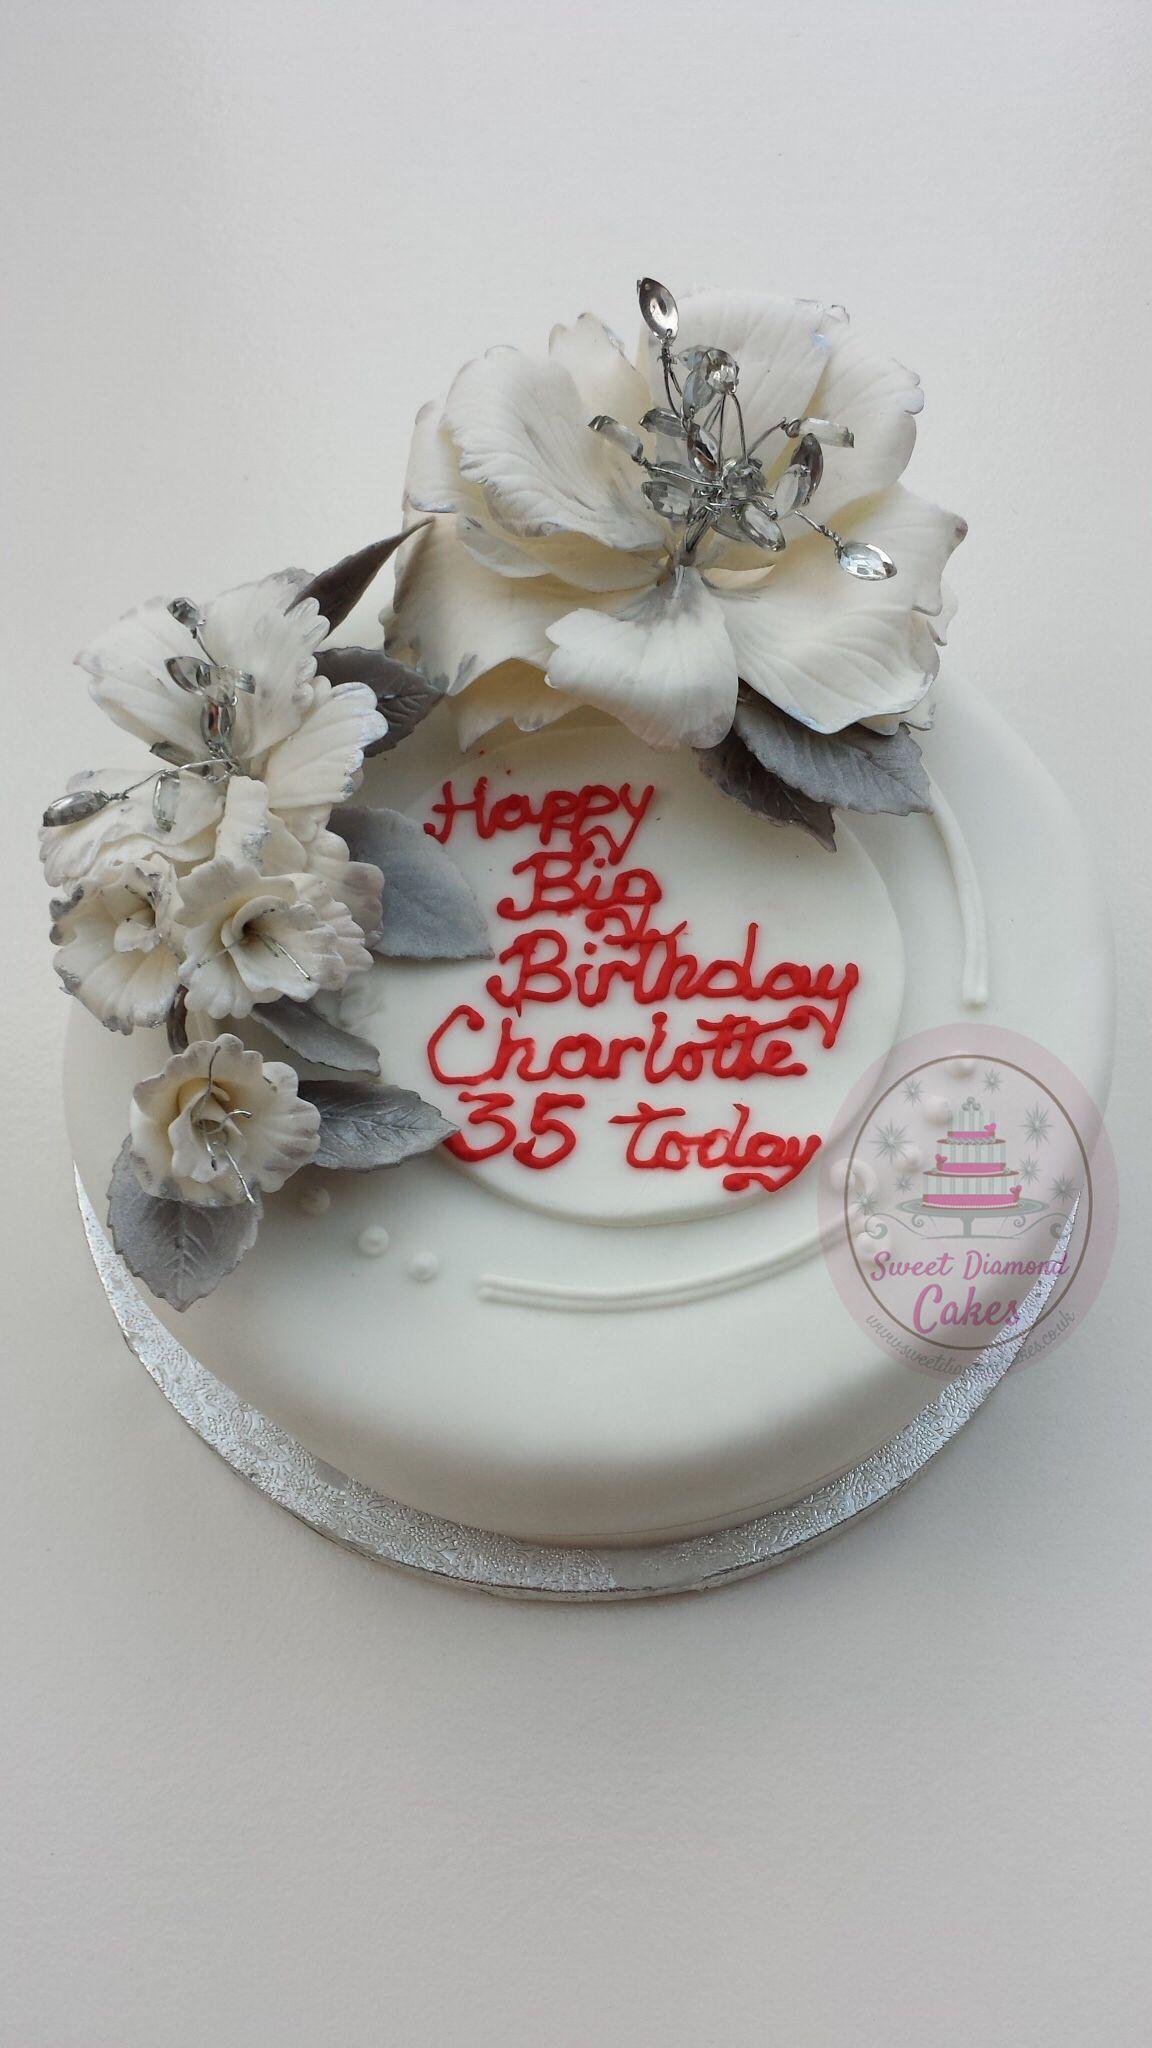 Flower Decorated Birthday Cake Www Sweetdiamondcakes Co Uk Decorations Celebration Cakes